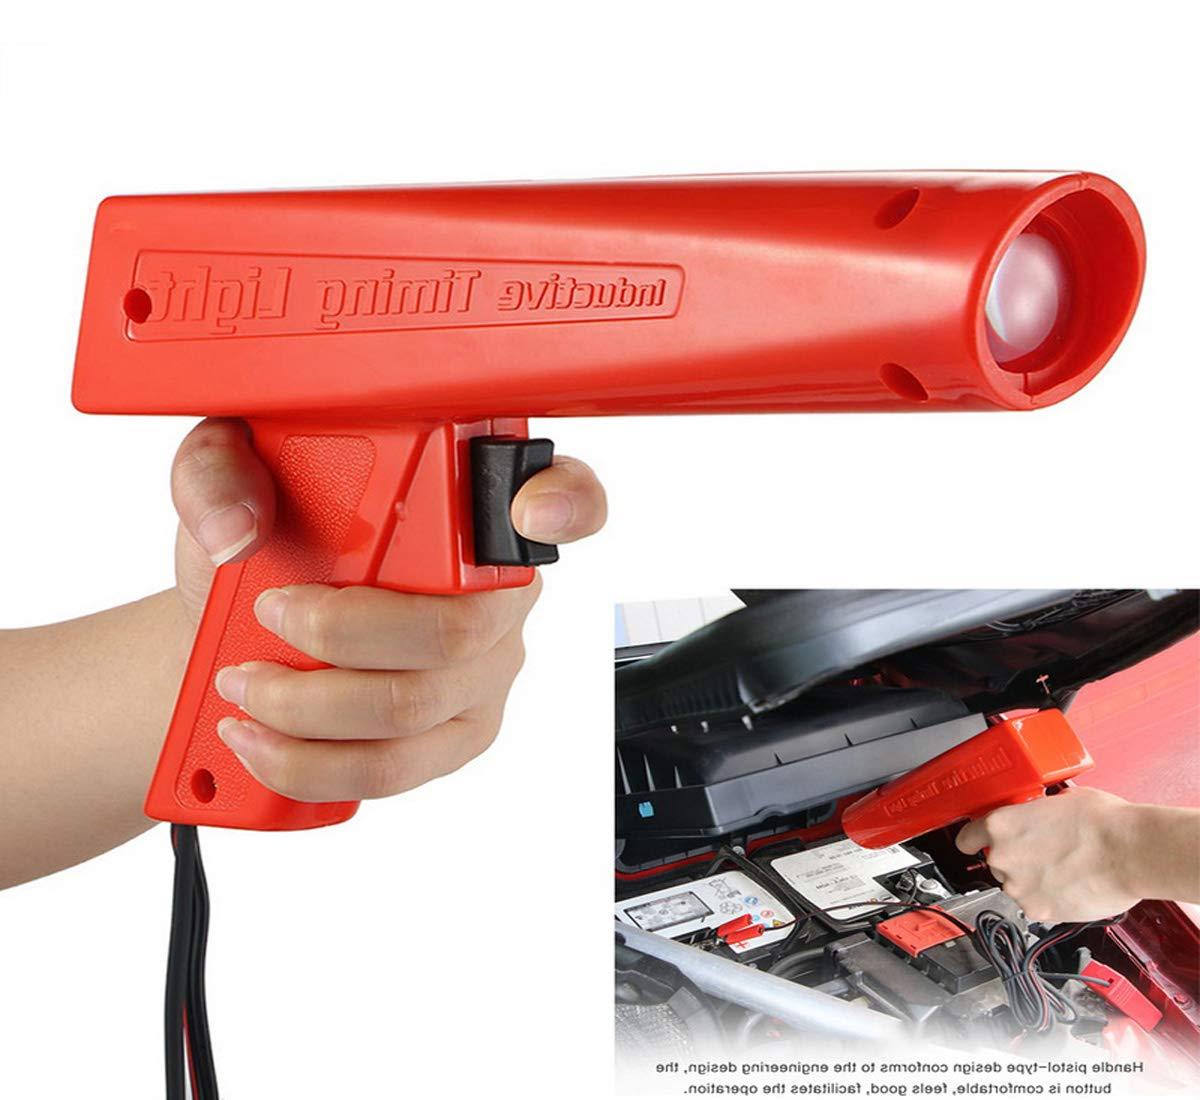 DONGMAO Probador de la lámpara de xenón Pistola de Encendido Agarre Motor de Gasolina inductivo Comprobación de la lámpara de sincronización de Encendido ...